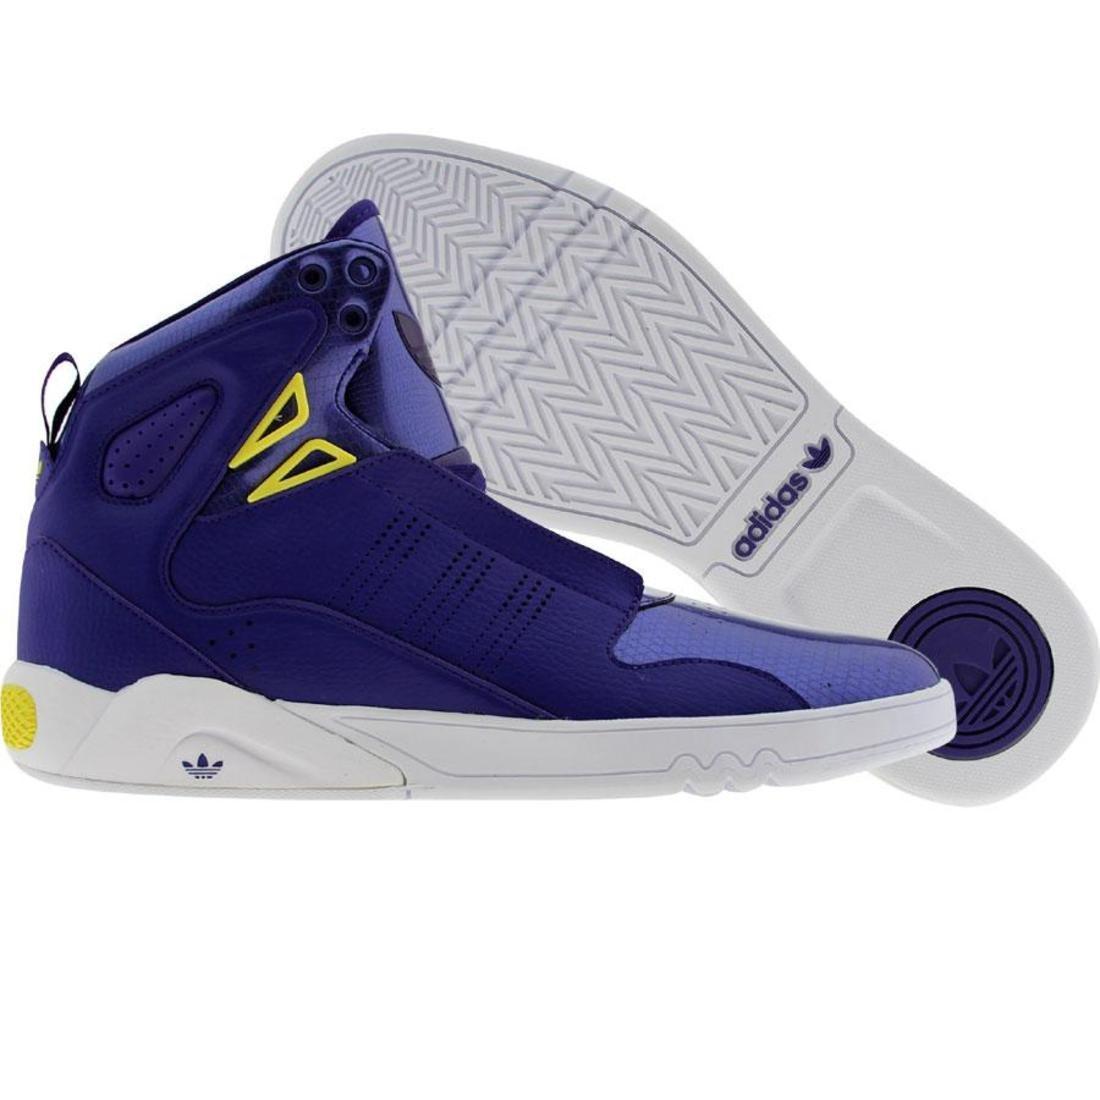 【海外限定】アディダス ミッド 紫 パープル 黄色 イエロー 2.0 メンズ靴 スニーカー 【 ADIDAS PURPLE YELLOW ROUNDHOUSE MID CO PRI RUNNINWHITE 】